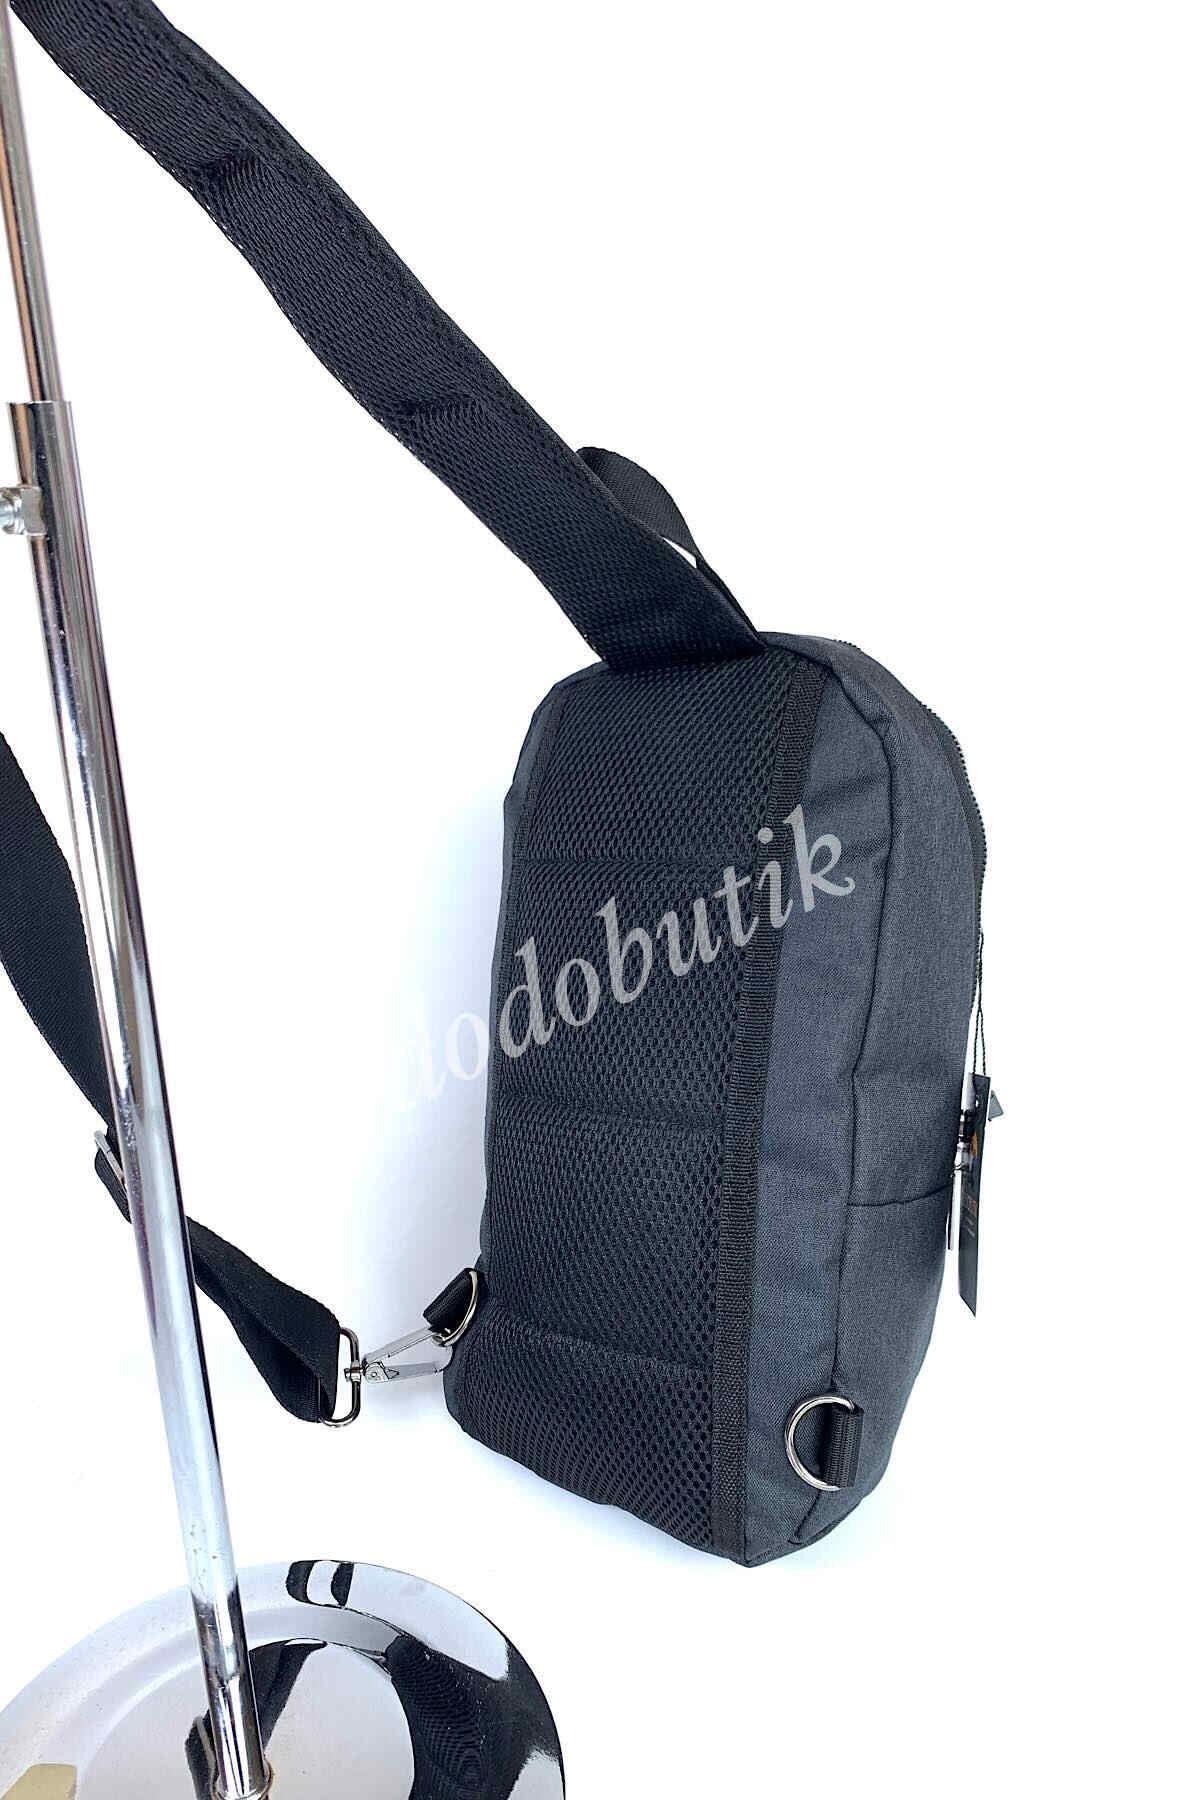 Siyah Kulaklık Çıkışlı Kumaş Bodybag DKB